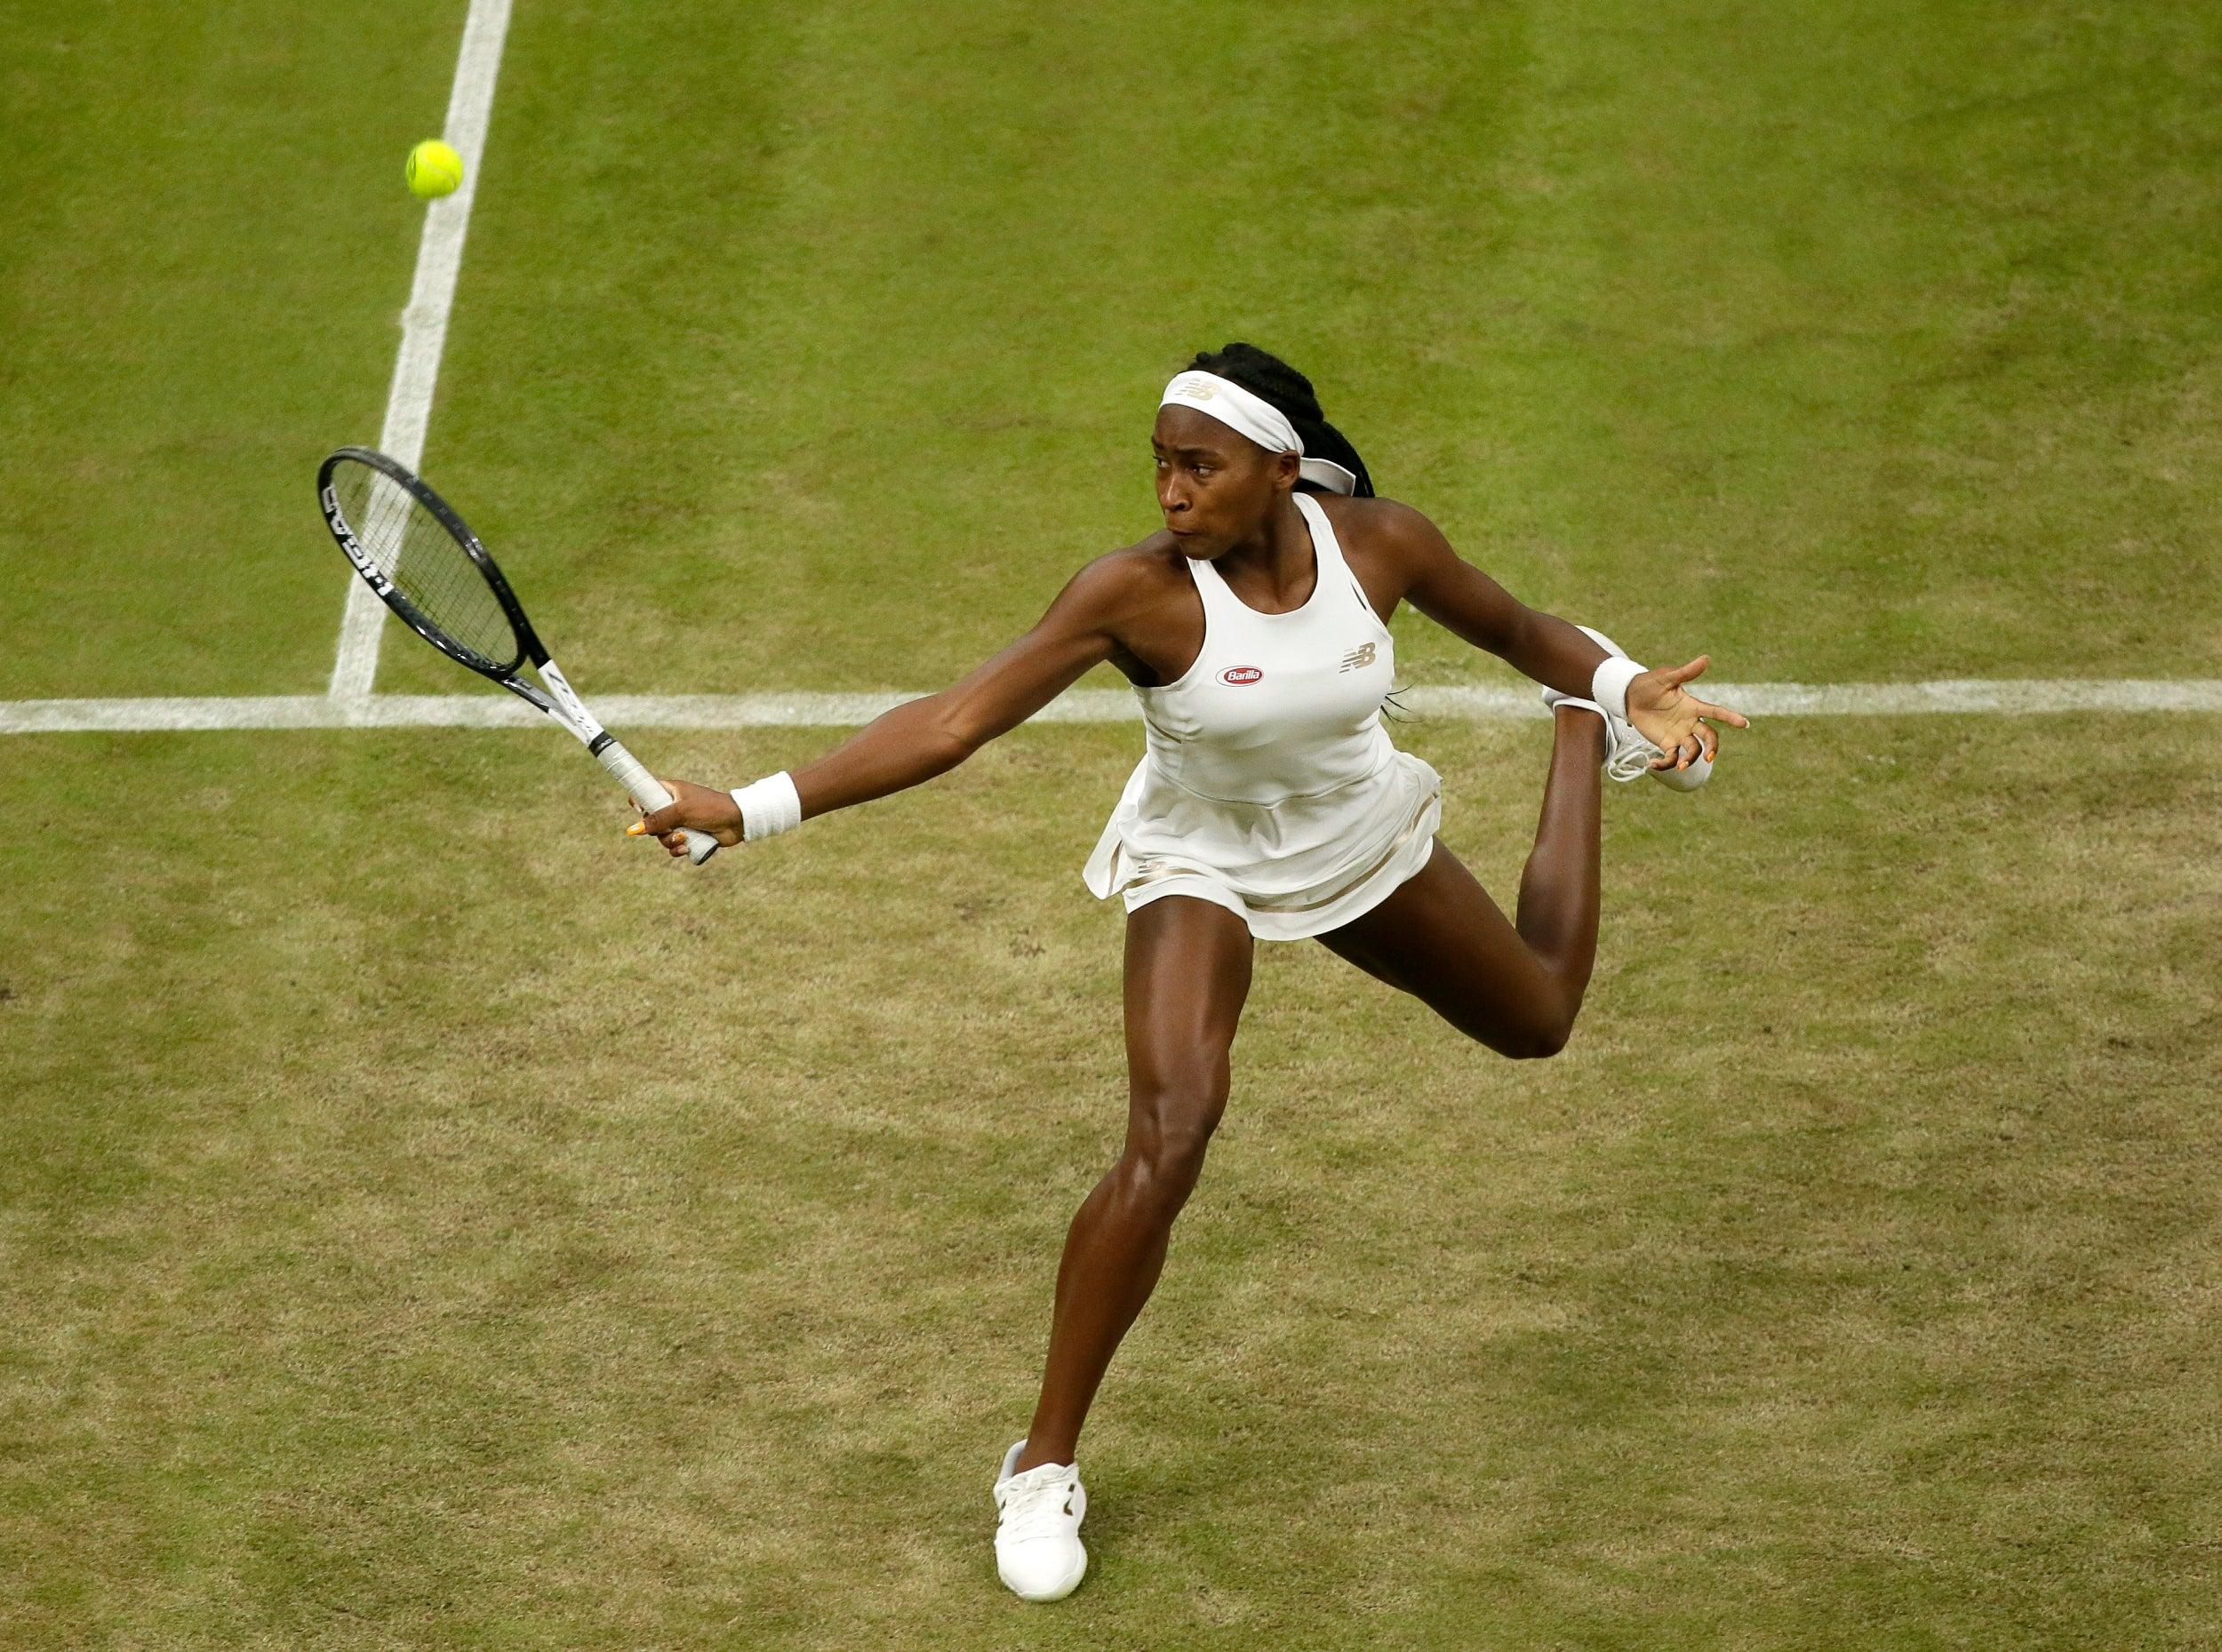 Wimbledon Gauff